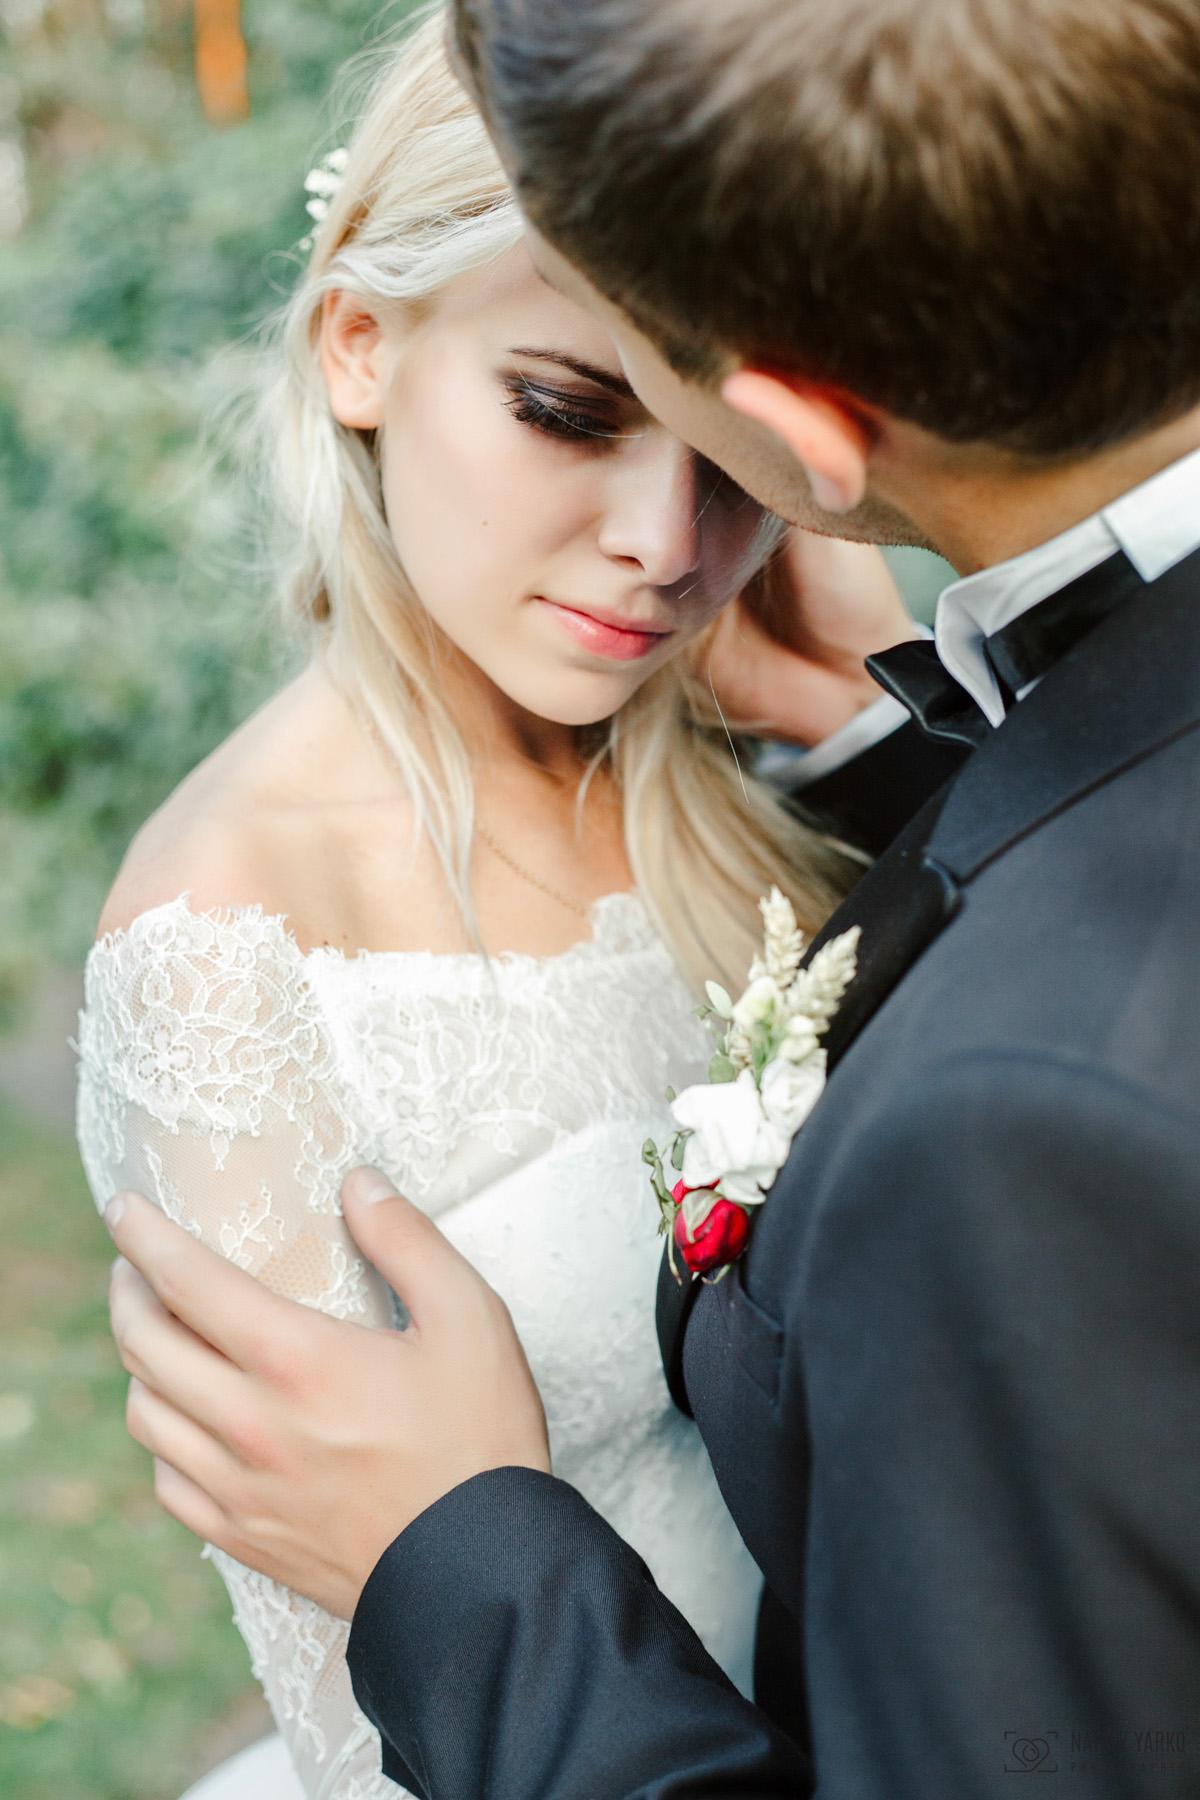 Свадебное портфолио, как передать нежность